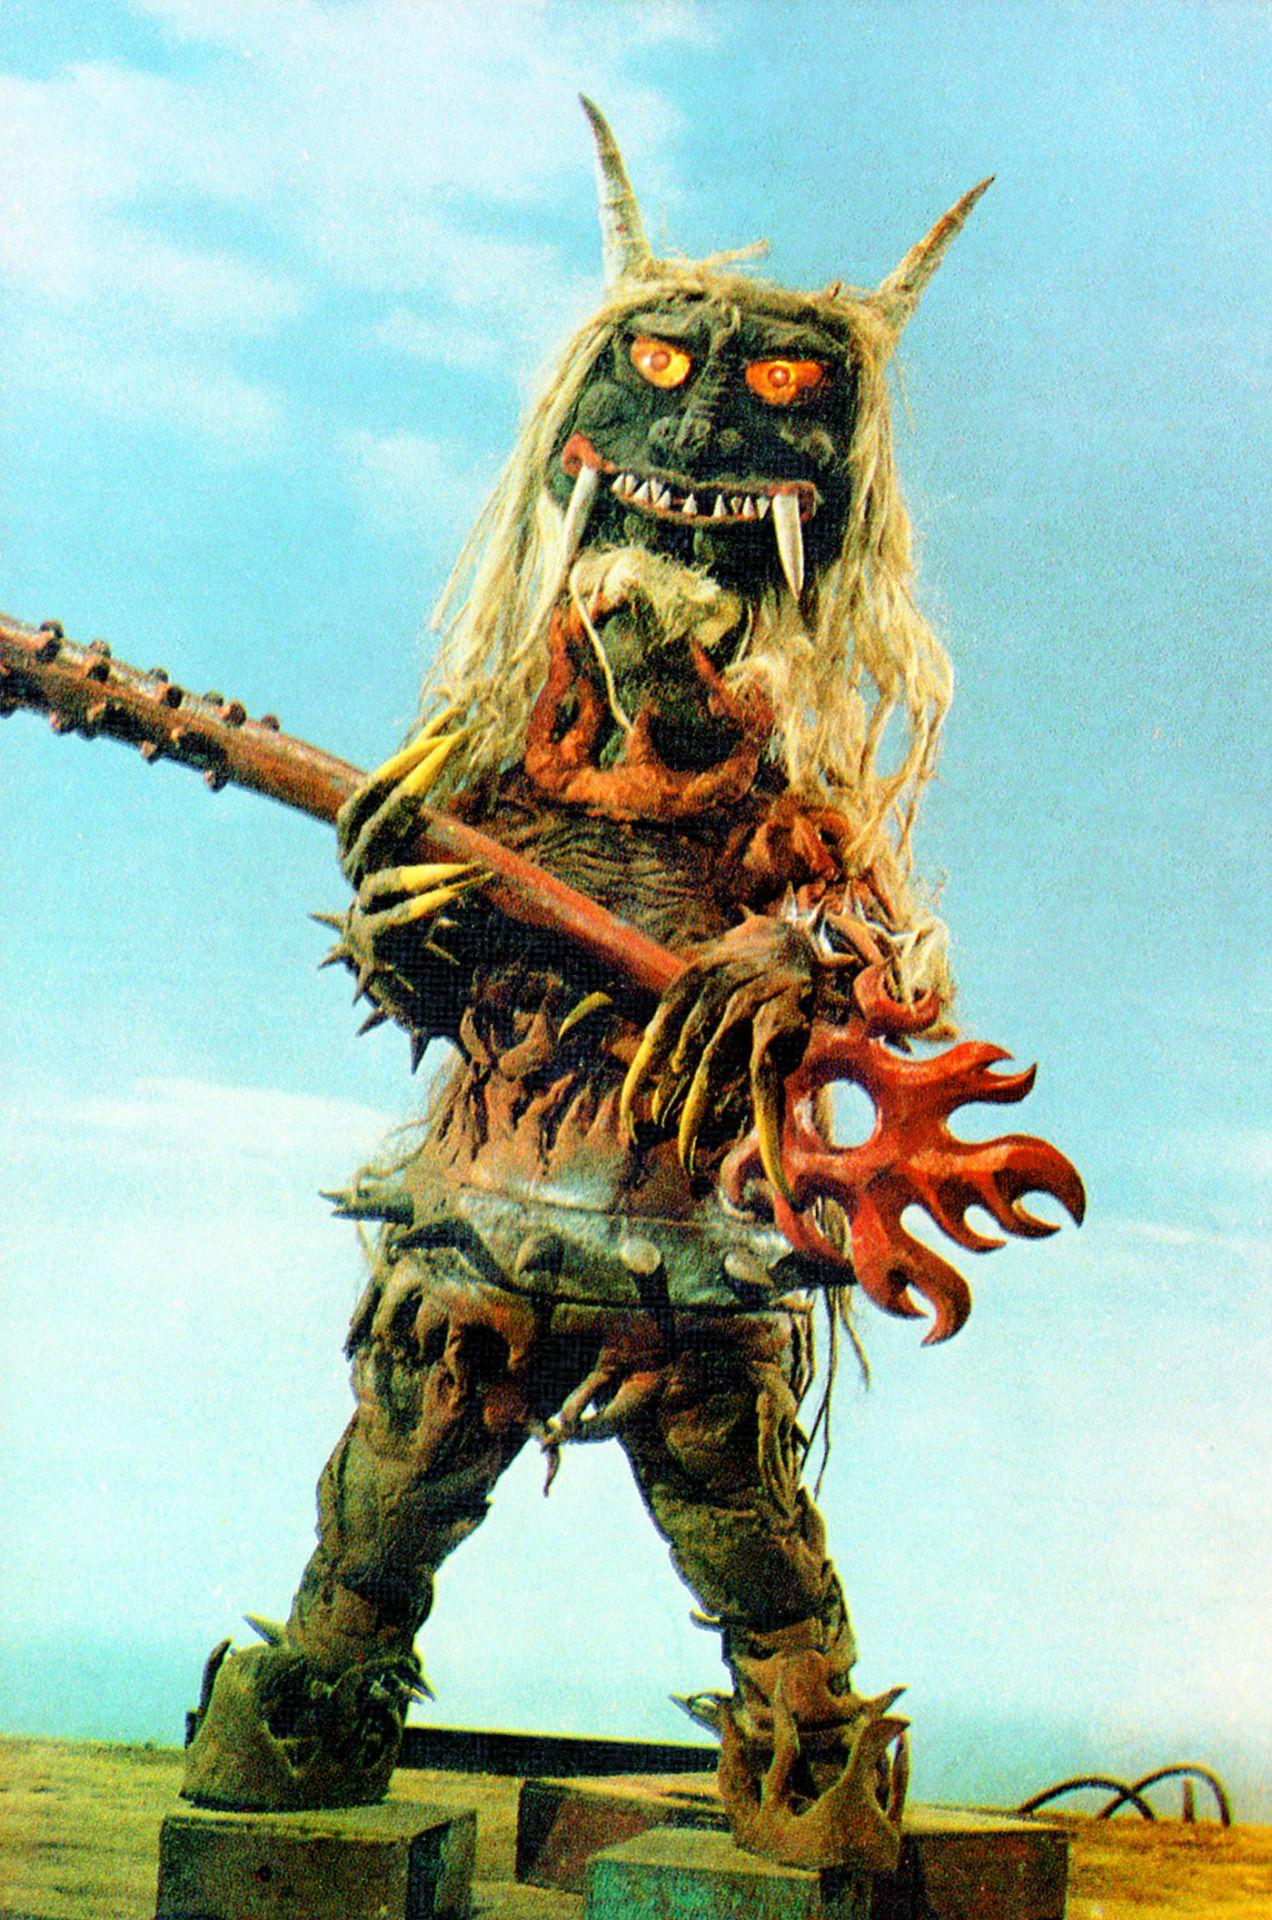 corporalsteiner | ウルトラマンタロウ, モンスター, ウルトラマン 怪獣